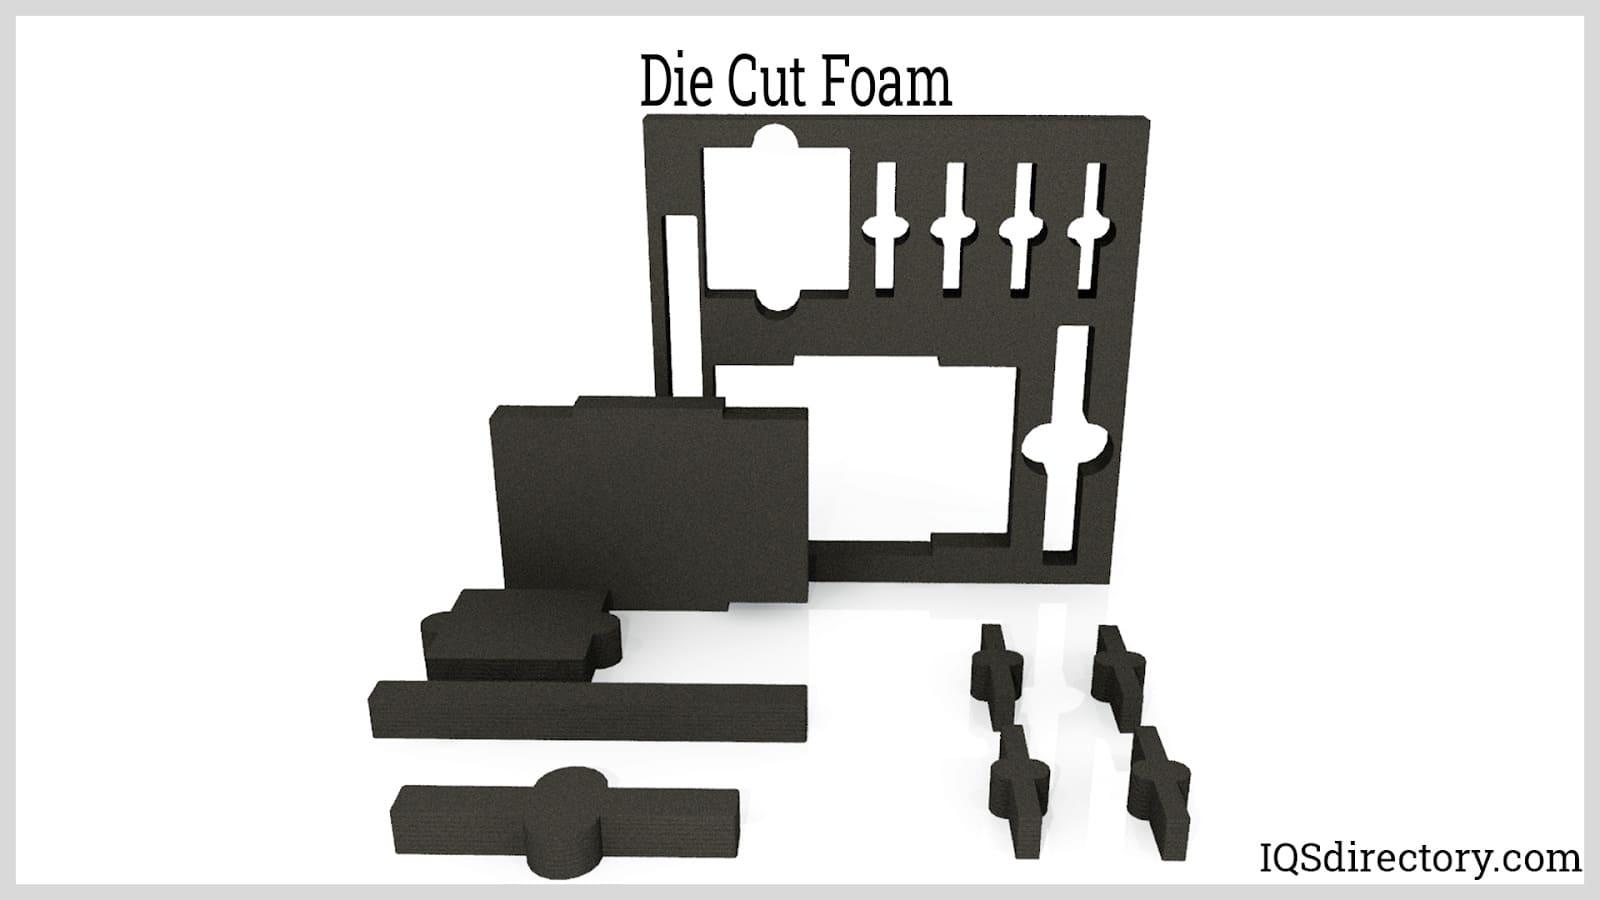 Die Cut Foam